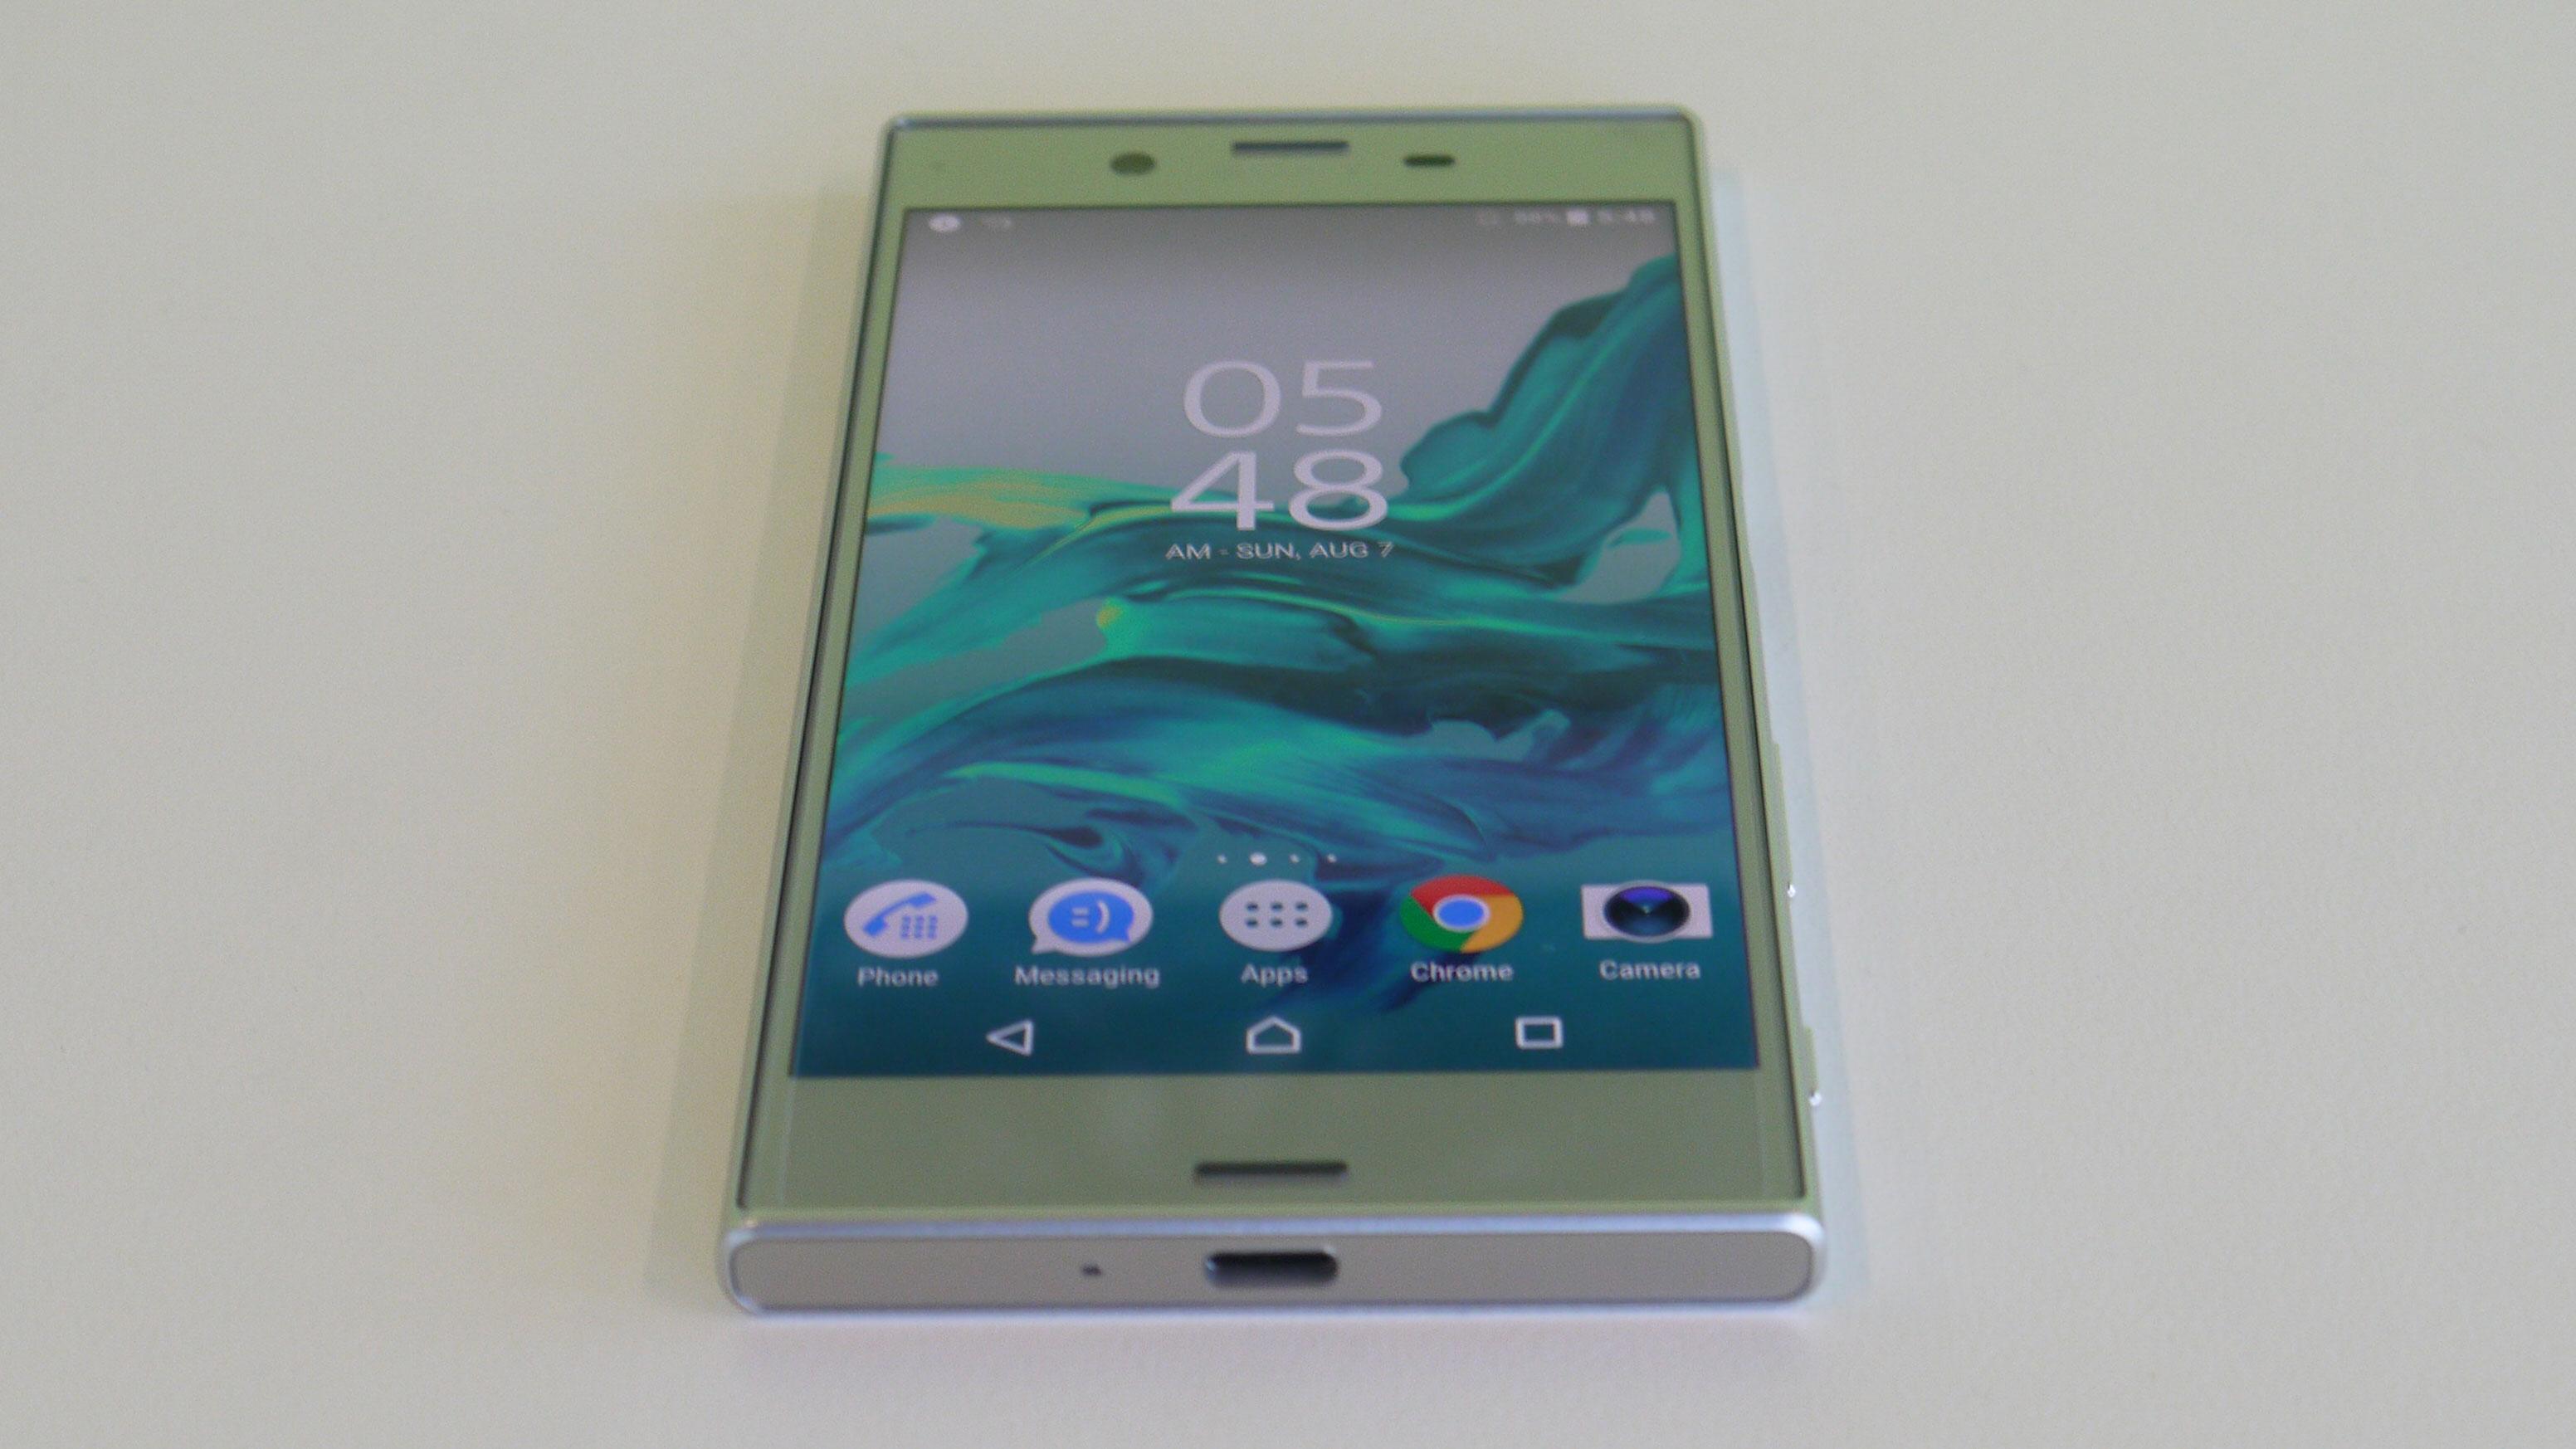 http://www.techradar.com/reviews/phones/mobile-phones/obi-mv1-1322302/review